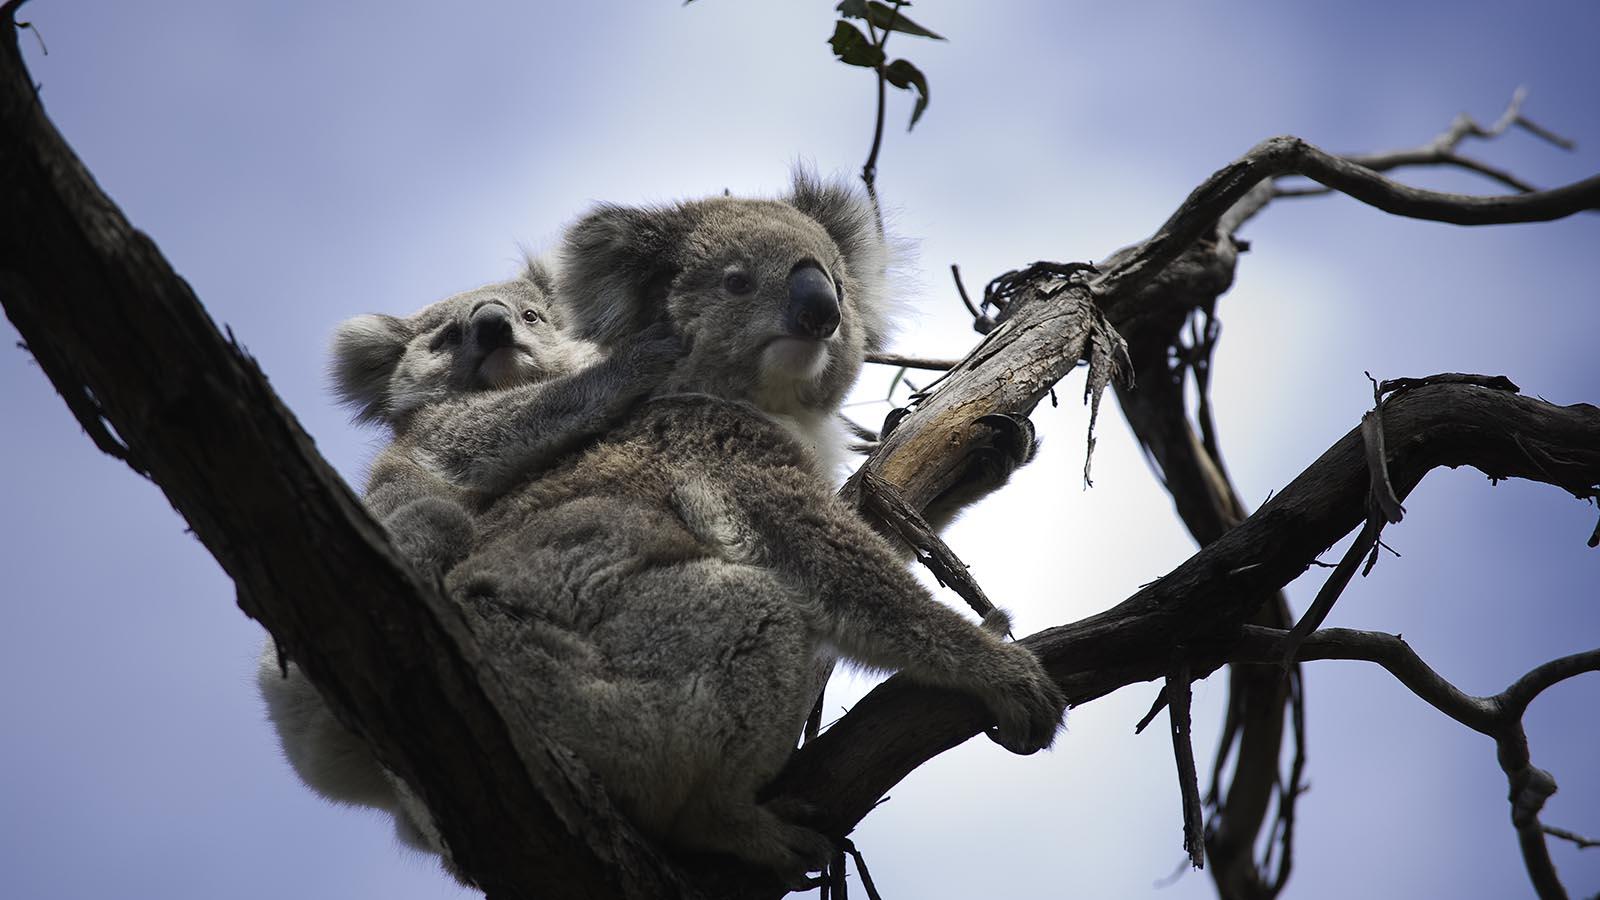 Koalas on Raymond Island, Gippsland, Victoria, Australia